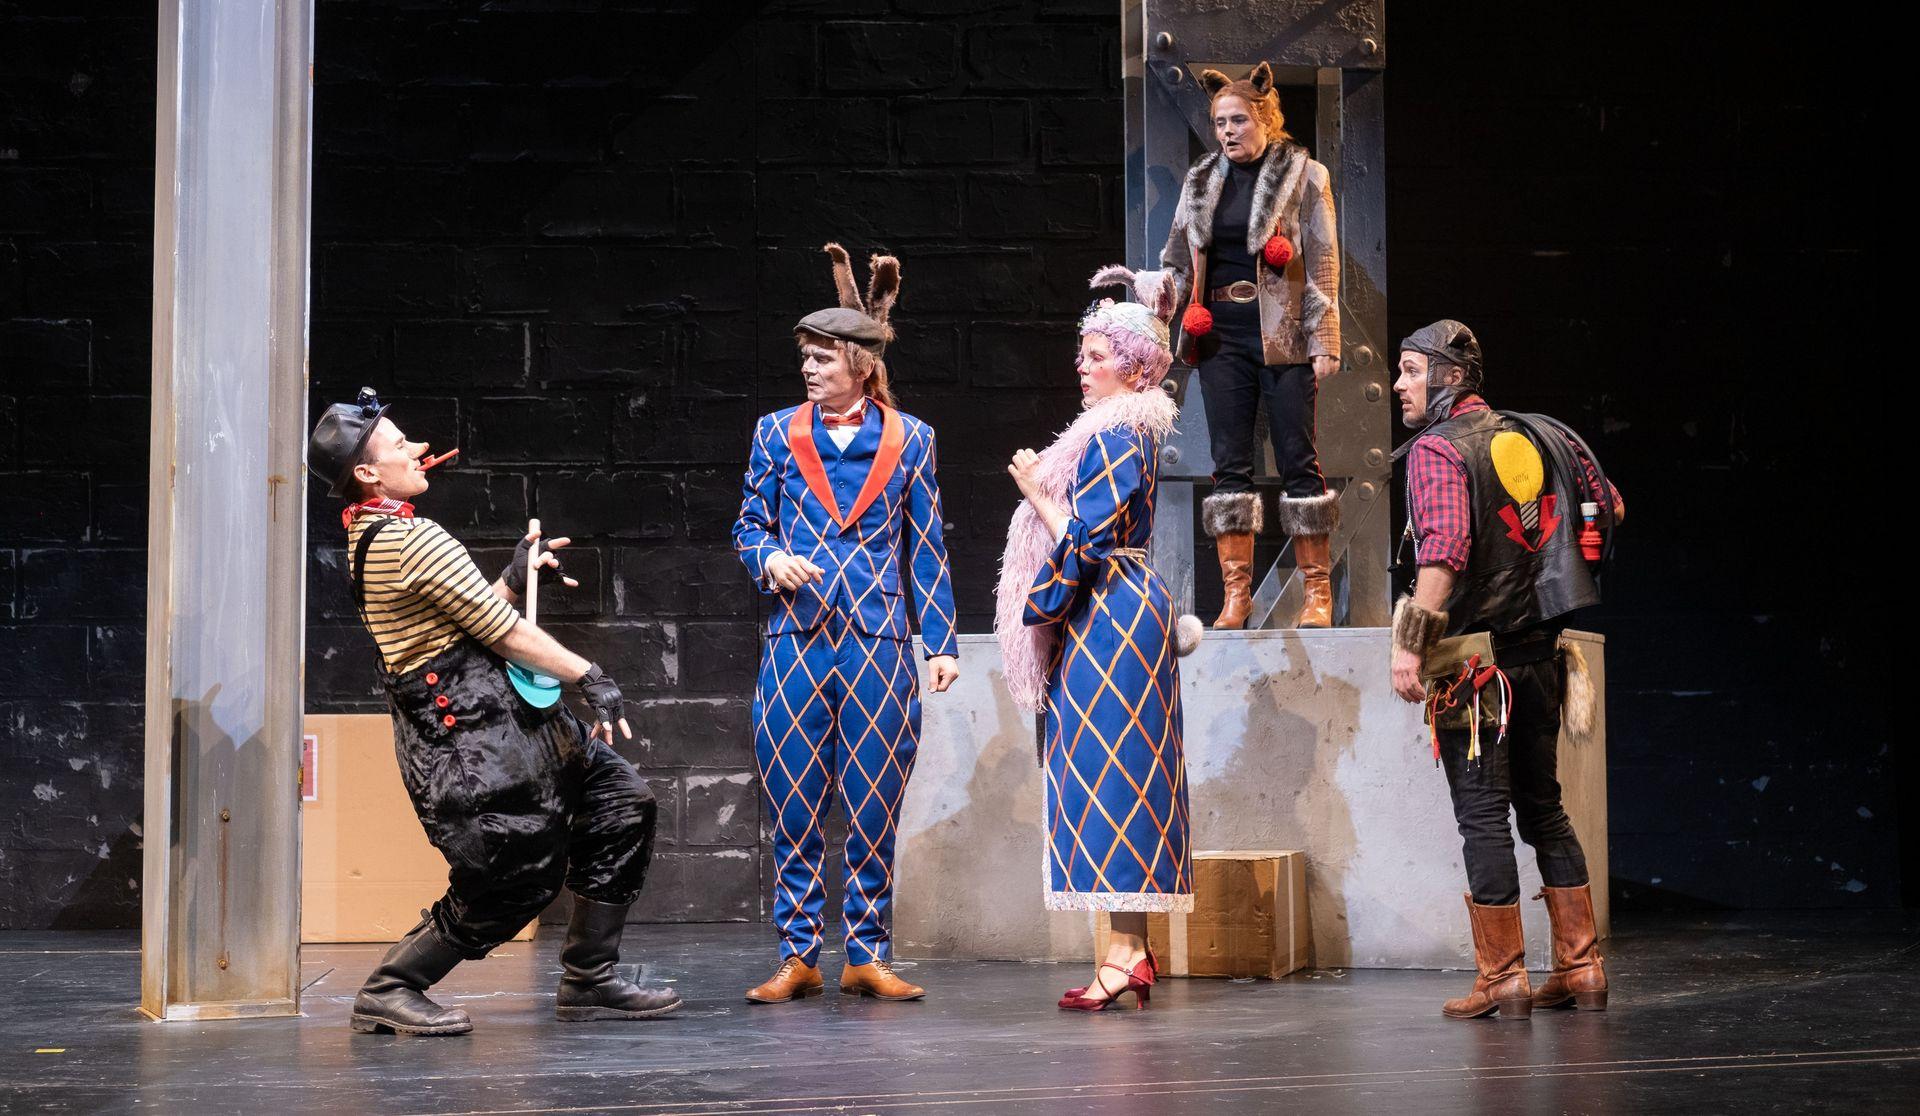 Jupp - ein Maulwurf auf dem Weg nach oben - Szene des Theaterstücks